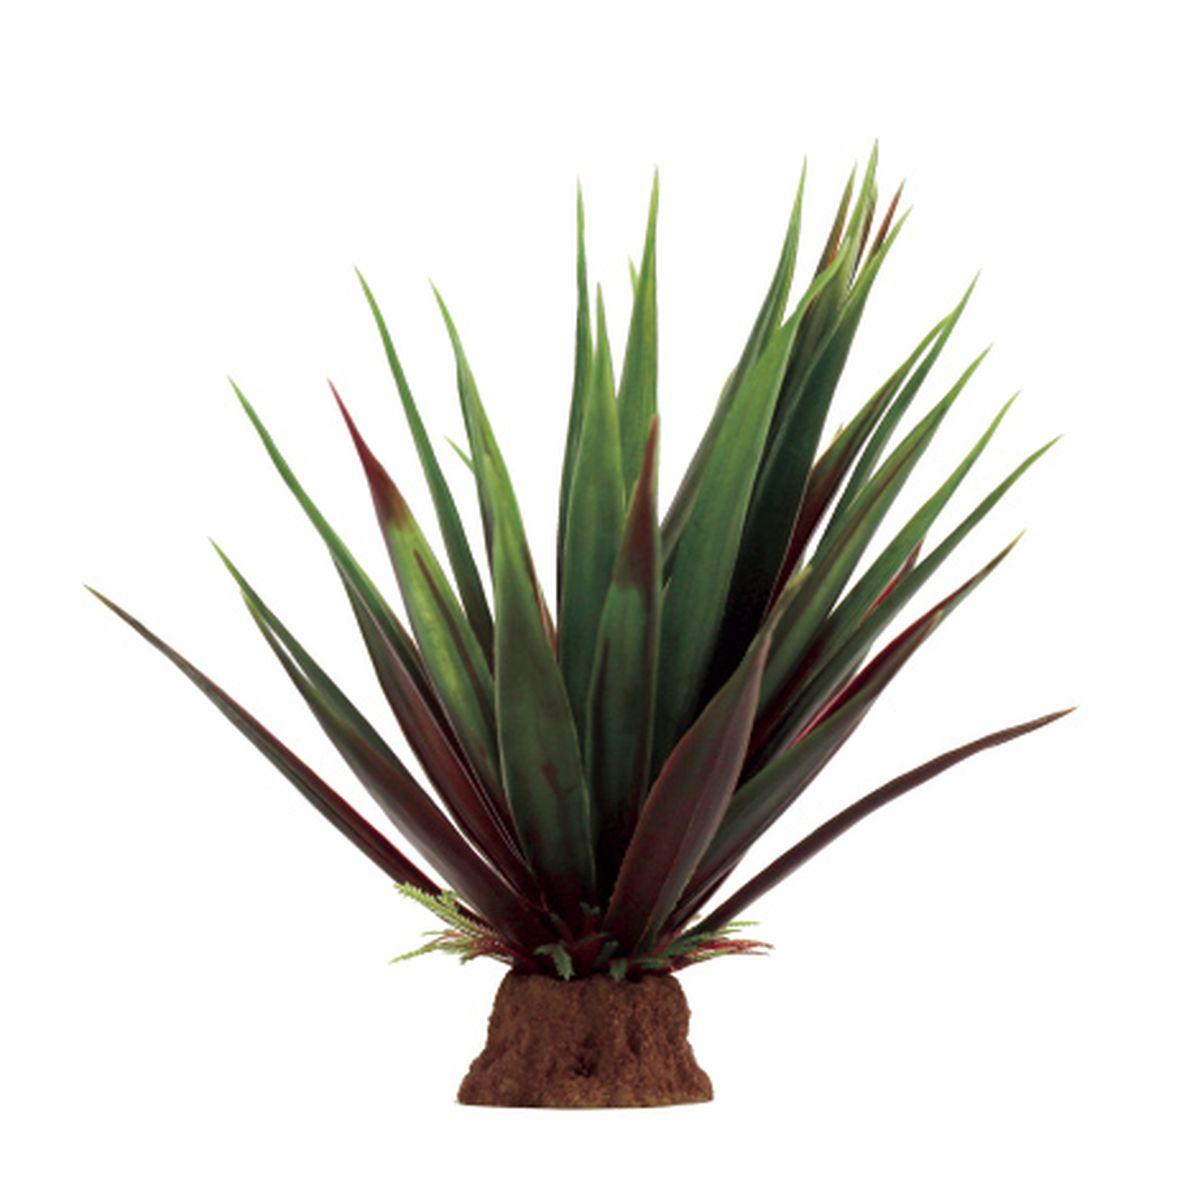 Растение для аквариума ArtUniq Агава красно-зеленая, 13 x 13 x 16 смART-1130706Растение для аквариума ArtUniq Агава красно-зеленая, 13 x 13 x 16 см